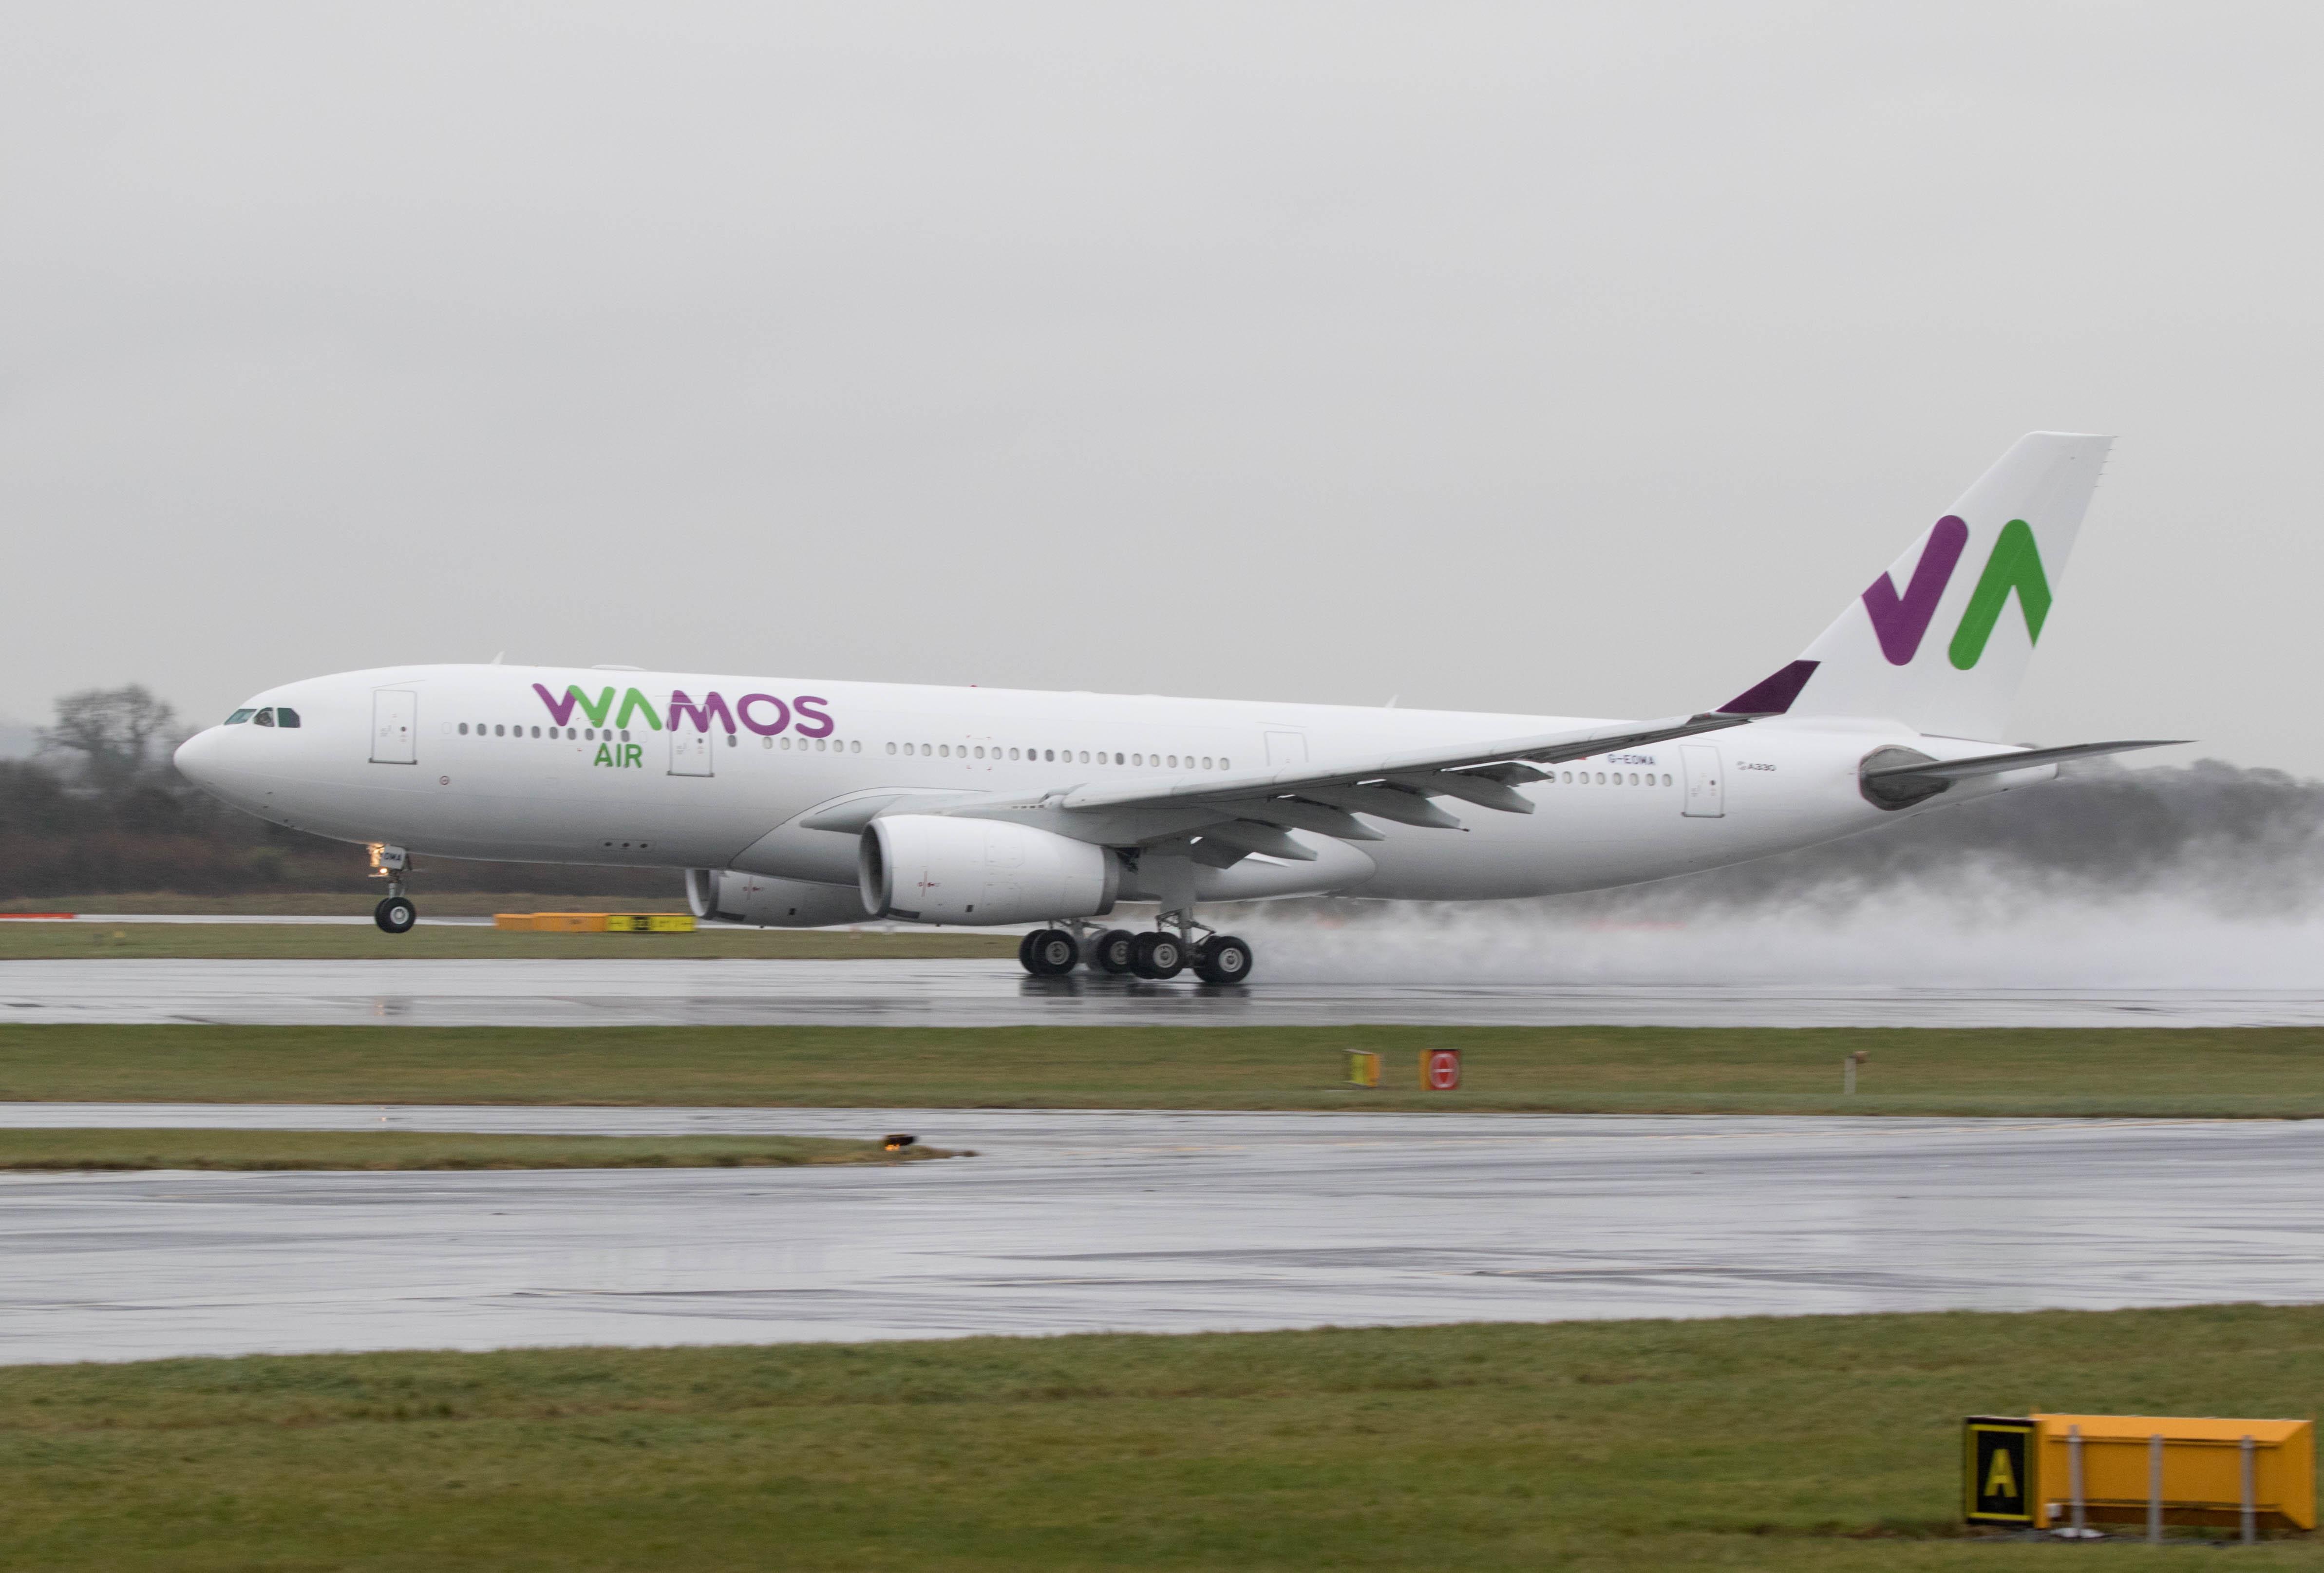 En Airbus A330-200 fra det spanske selskab Wamos Air. Foto: Russell Lee